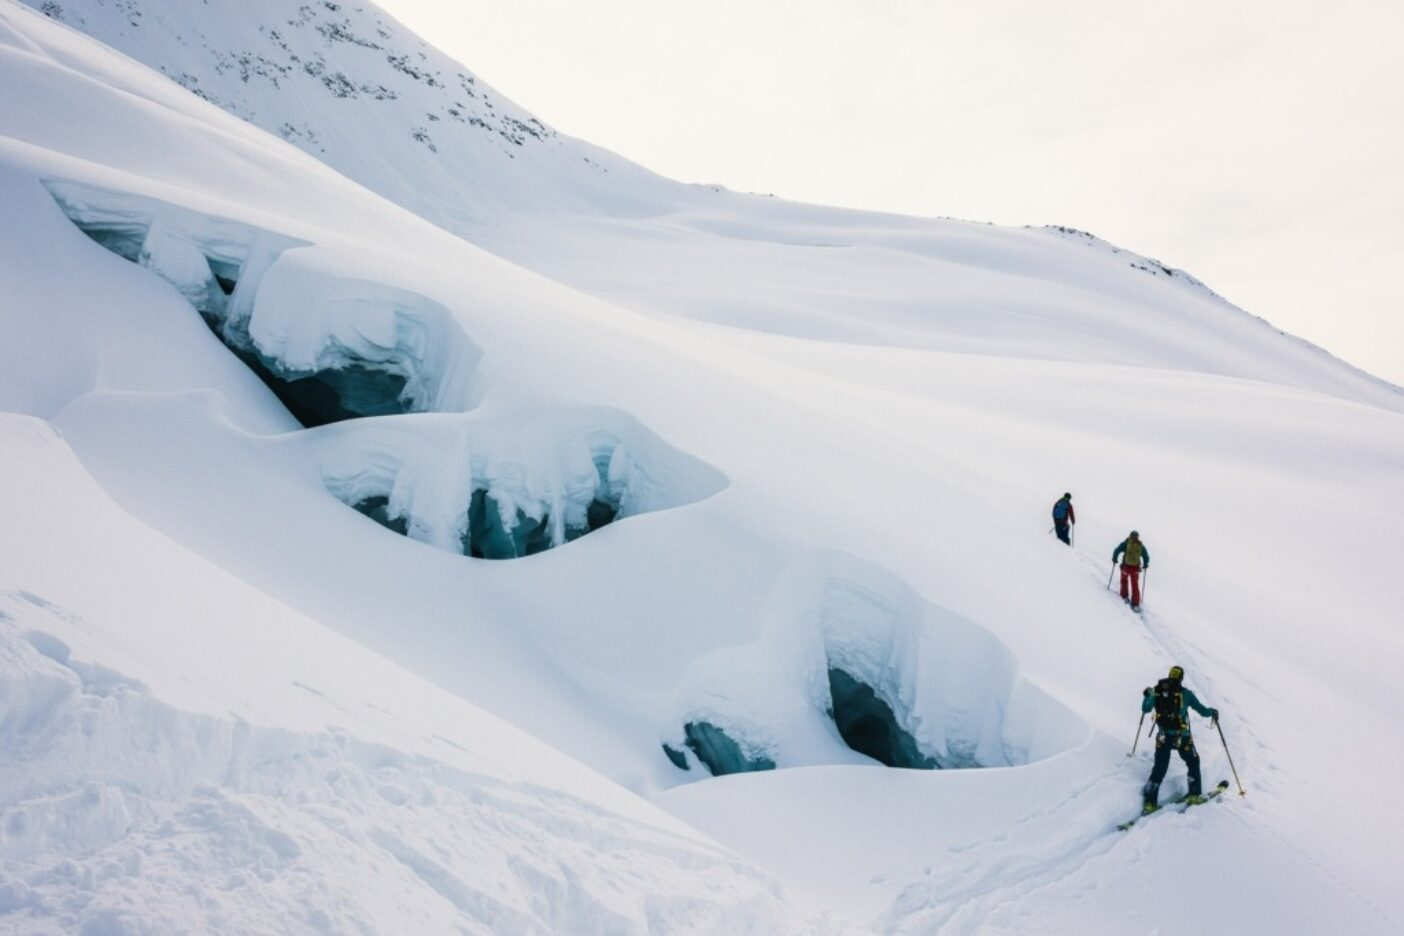 """地元ガイドの3人組トミー・ロイ・アギロ、フアン""""ピパ""""ラセーリ、ロベルト""""インディオ""""トリューが、チャルテン山域で最も人気のあるスキーゾーン、セロクレストンの側面をラッセルする。もちろん「人気」と言っても、スキーコミュニティの地元メンバーは総勢30人程度である。サンタクルス州、アルゼンチン 写真:マシュー・タフツ"""